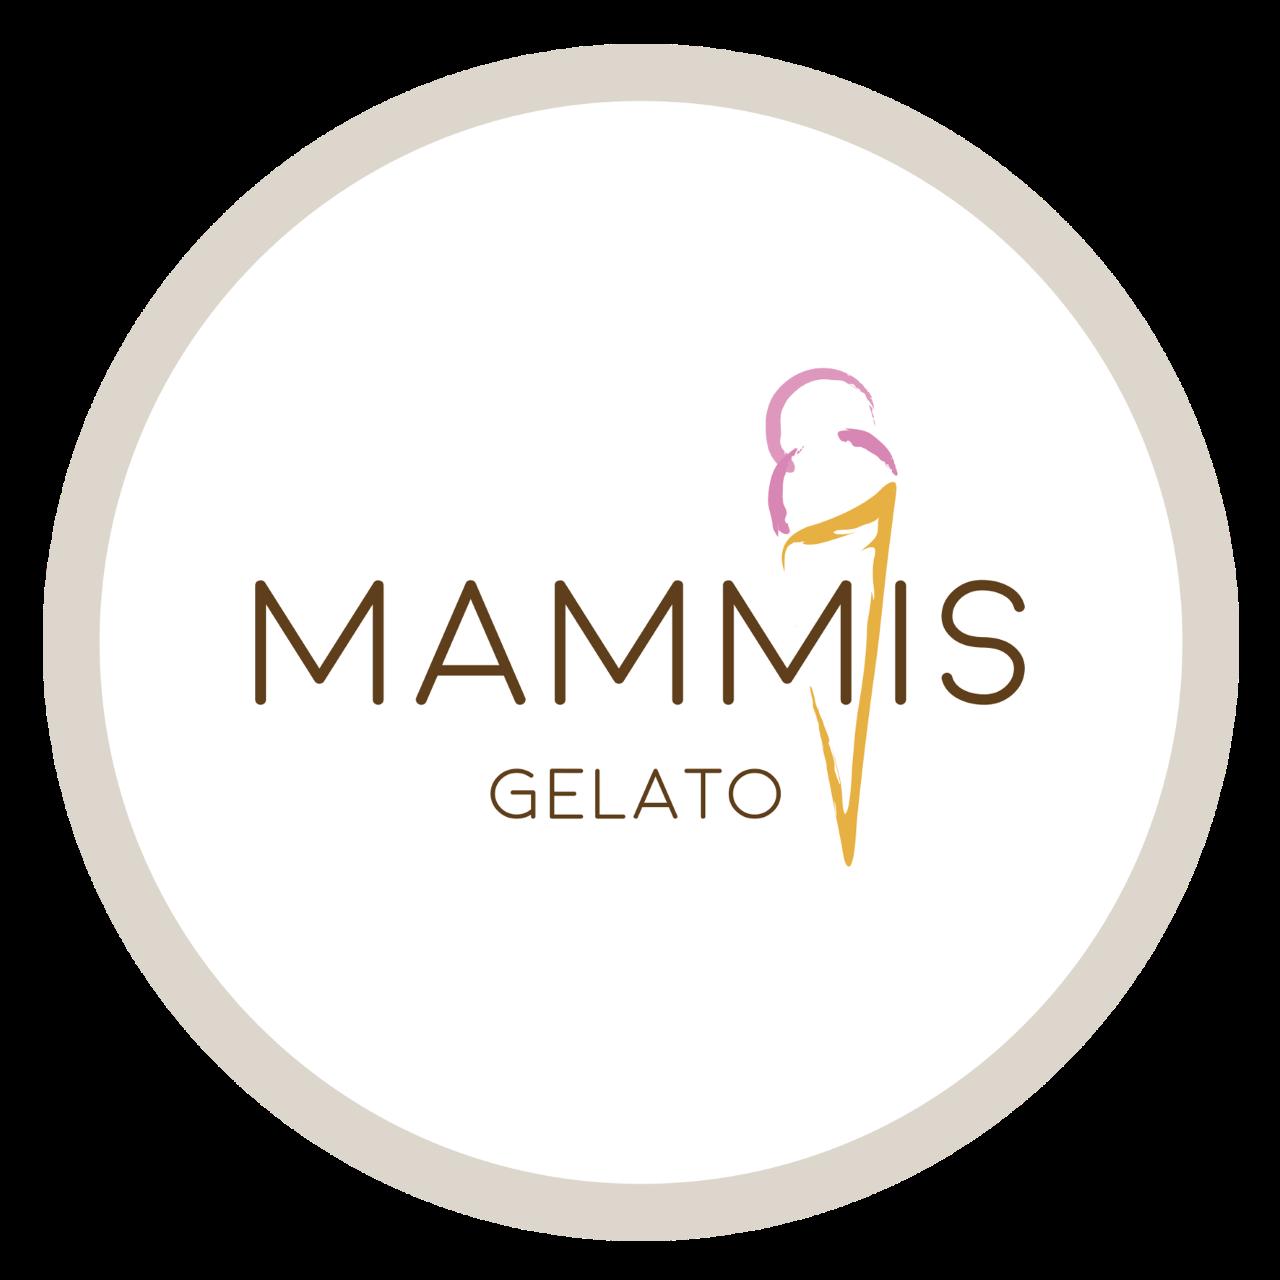 Mammis Gelato